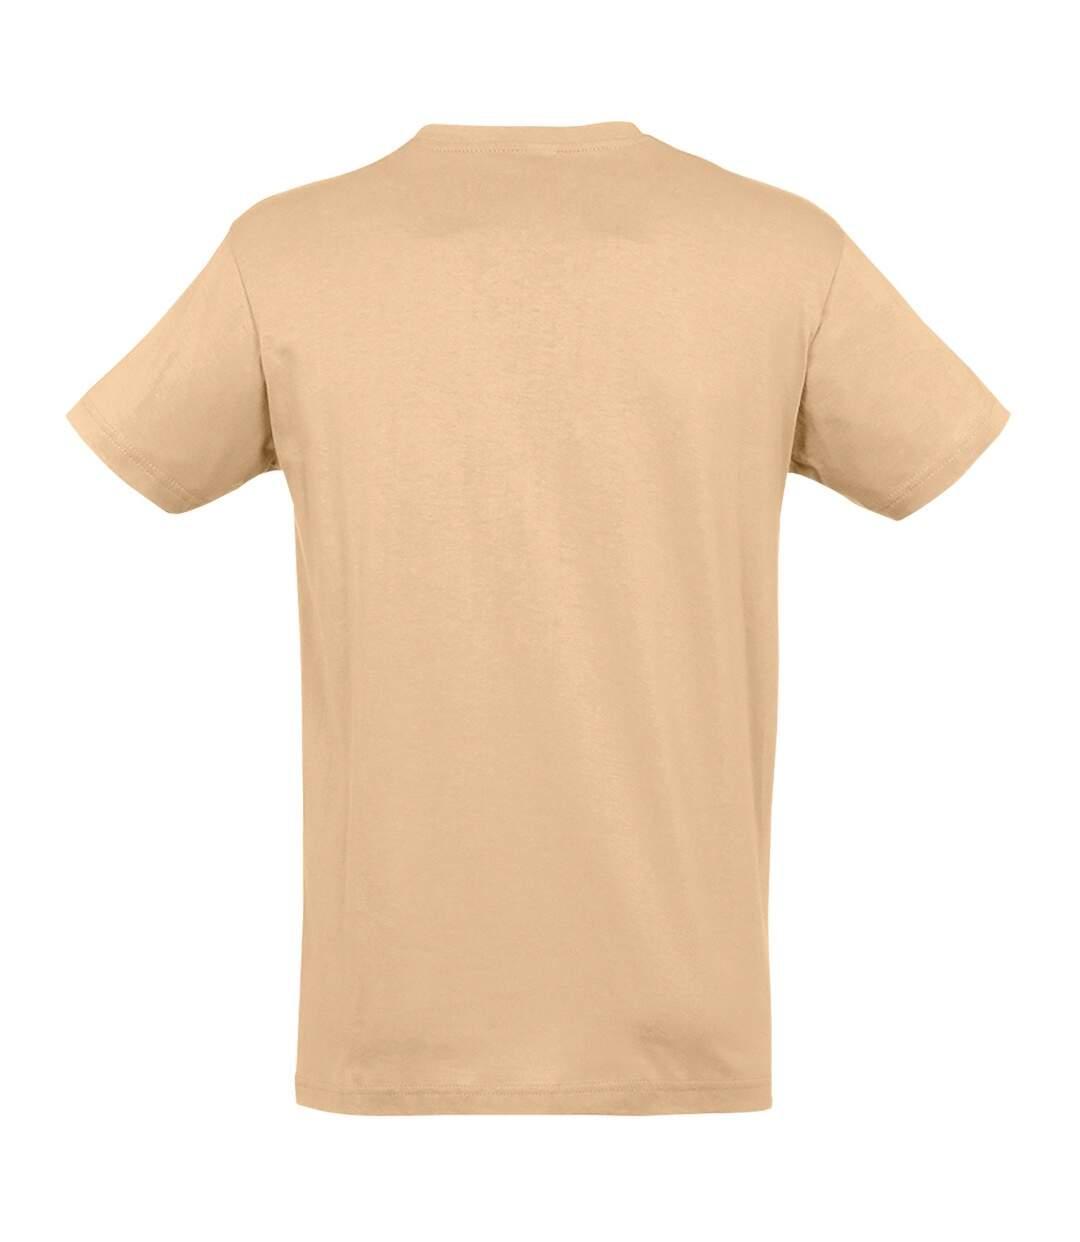 SOLS - T-shirt REGENT - Homme (Beige) - UTPC288